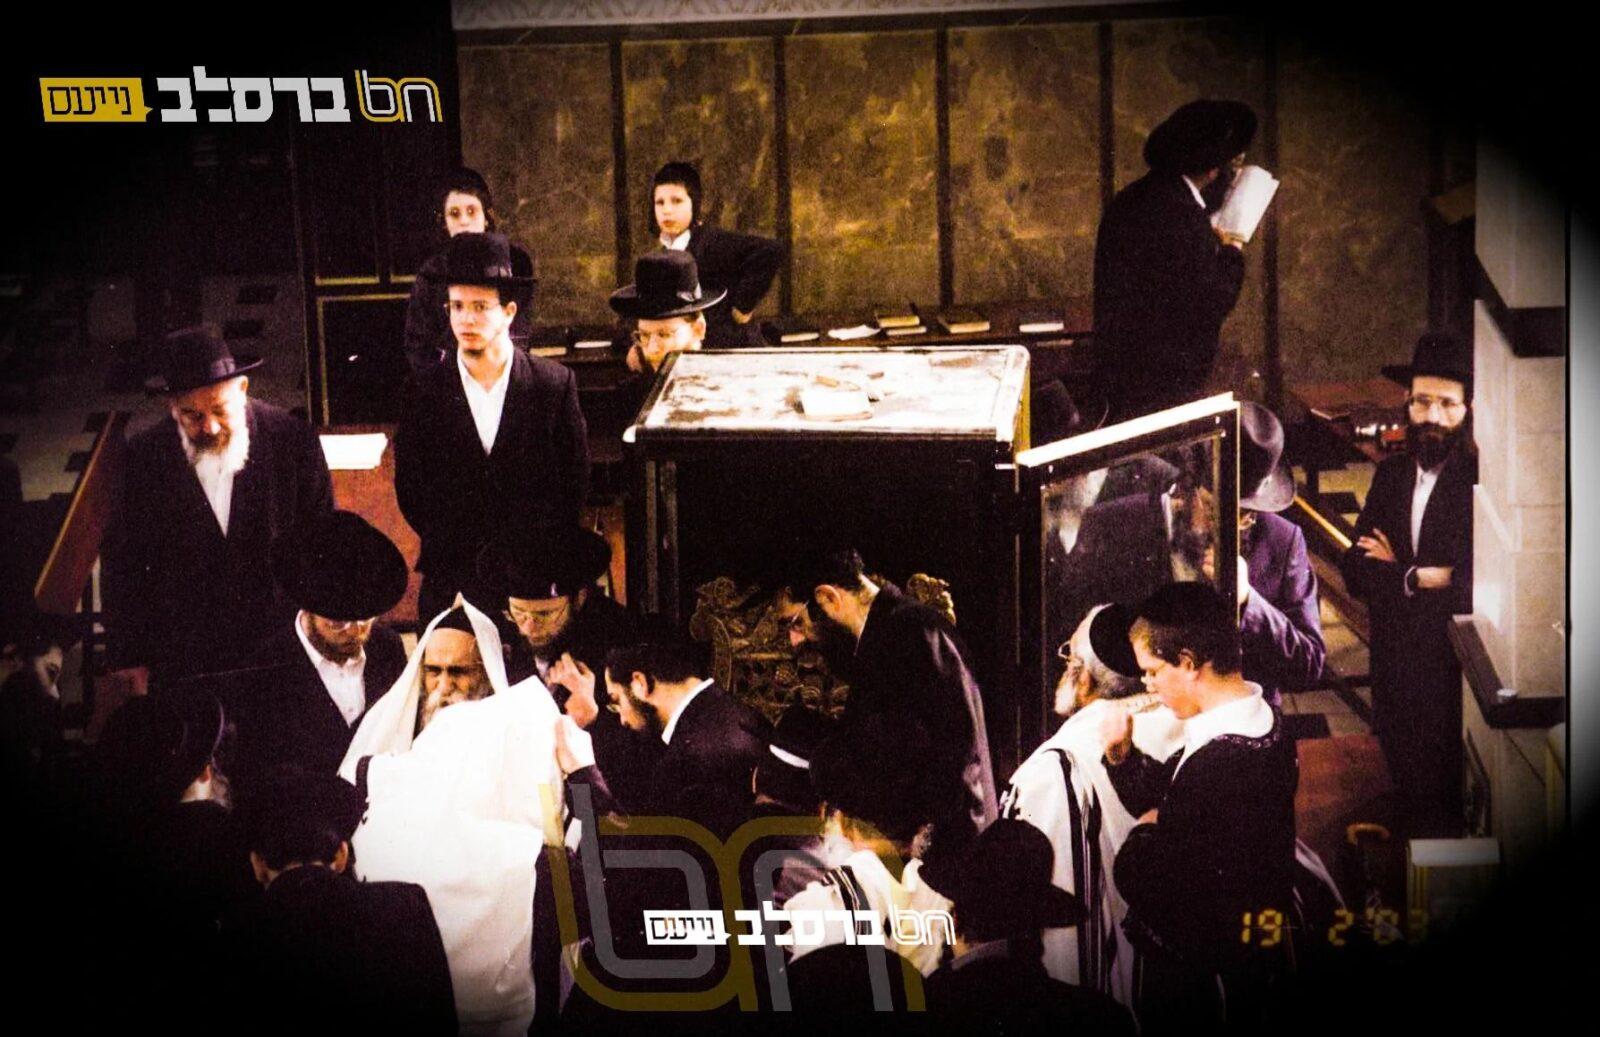 נוסטלגיה • תמונה היסטורית של ראש ישיבת בריסק בבית הכנסת הגדול שבירושלים ה'שול'